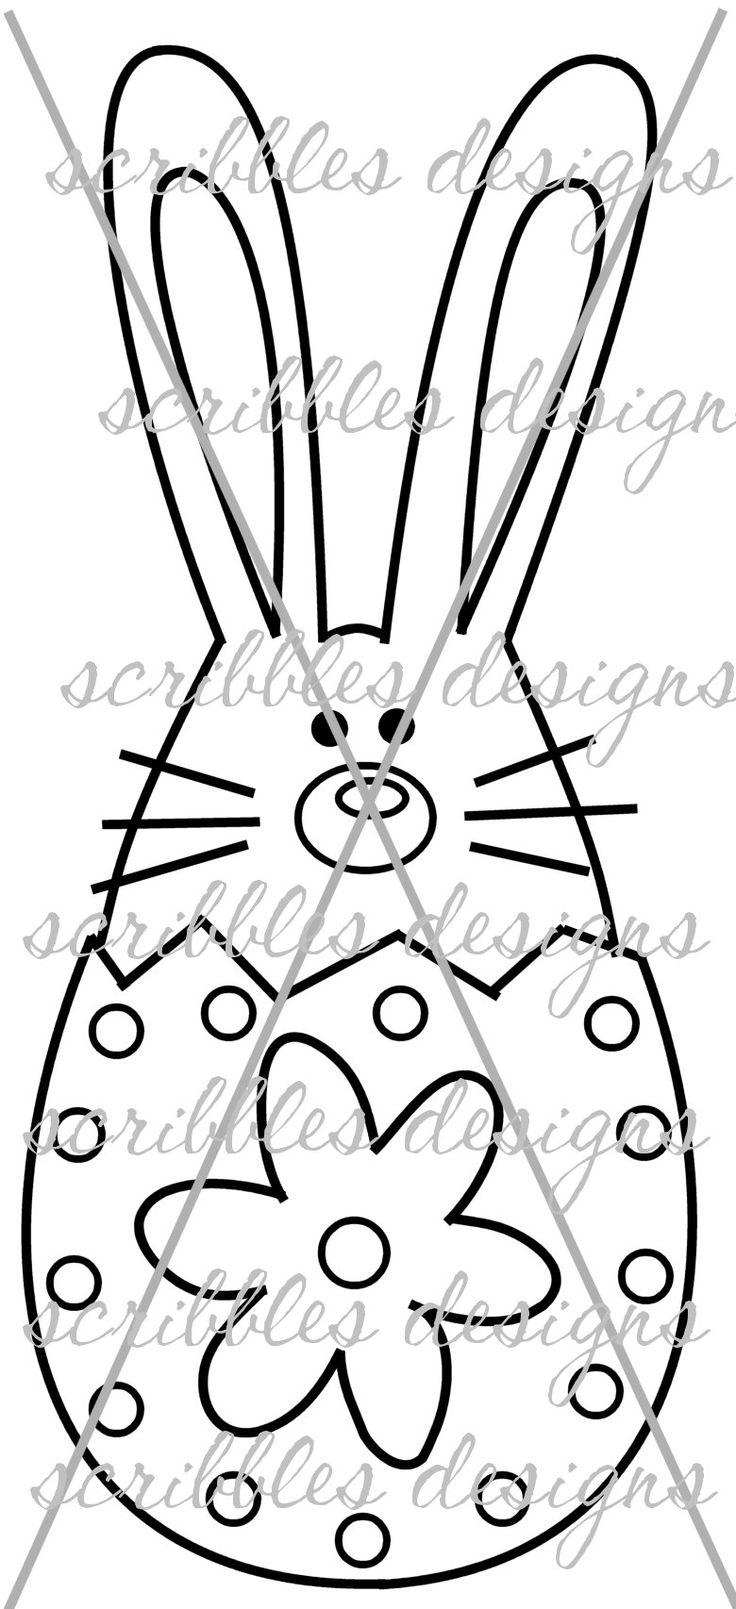 $3.00 Hoppy Egg 6 (http://buyscribblesdesigns.blogspot.ca/2014/03/428-hoppy-egg-6-300.html) #digital stamps #digis #bunny #Easter #egg #scribbles designs